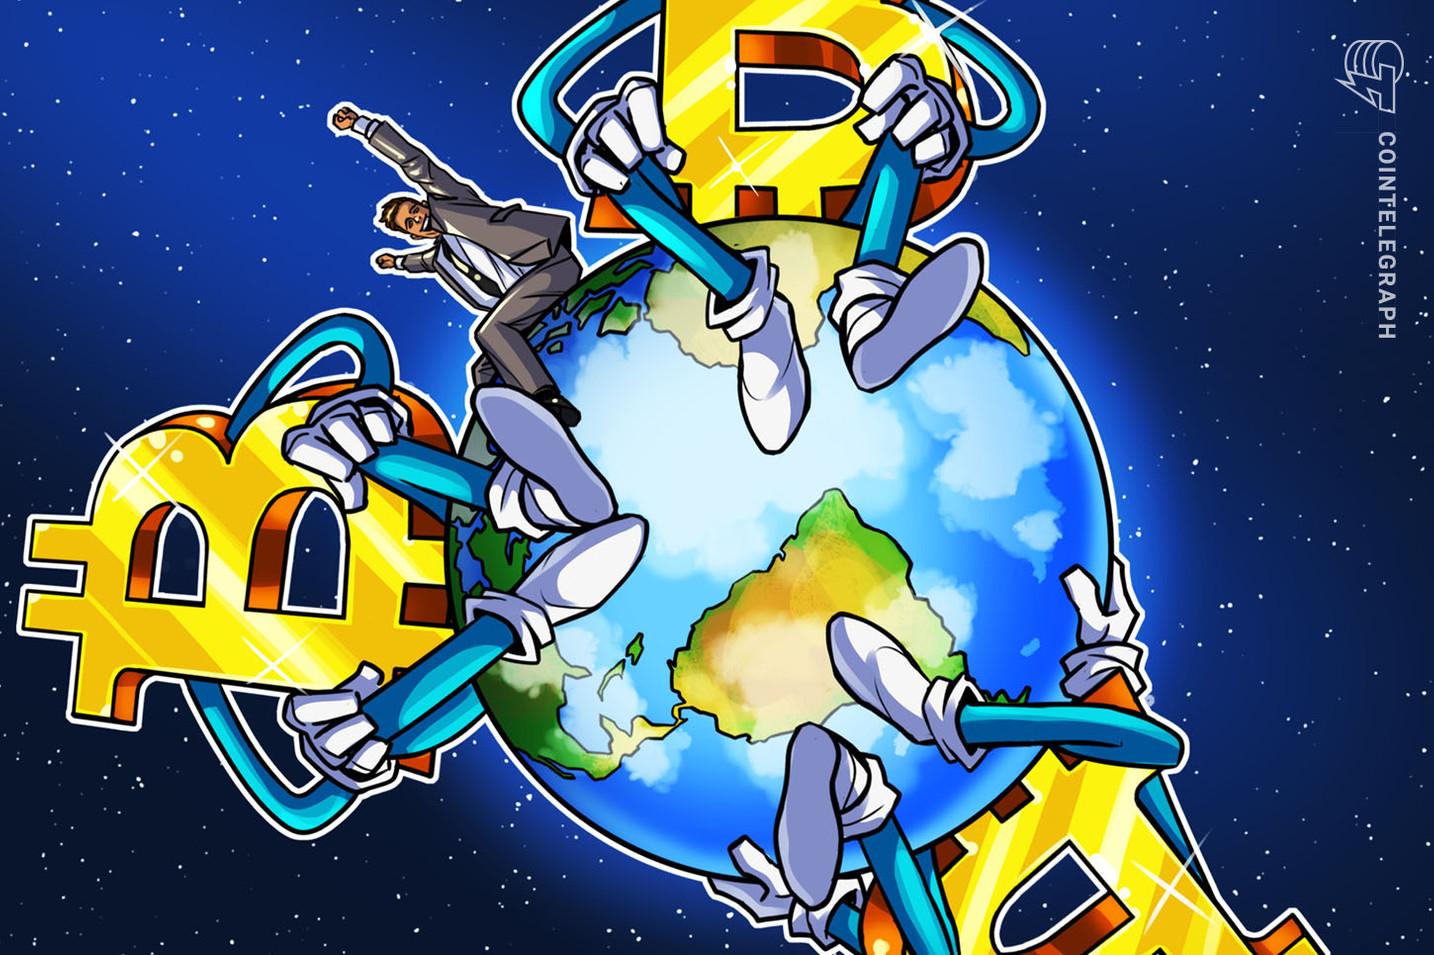 Mercado de Bitcoin ganha 101 milhões de novos usuários em 2020 após crescimento de quase 200%